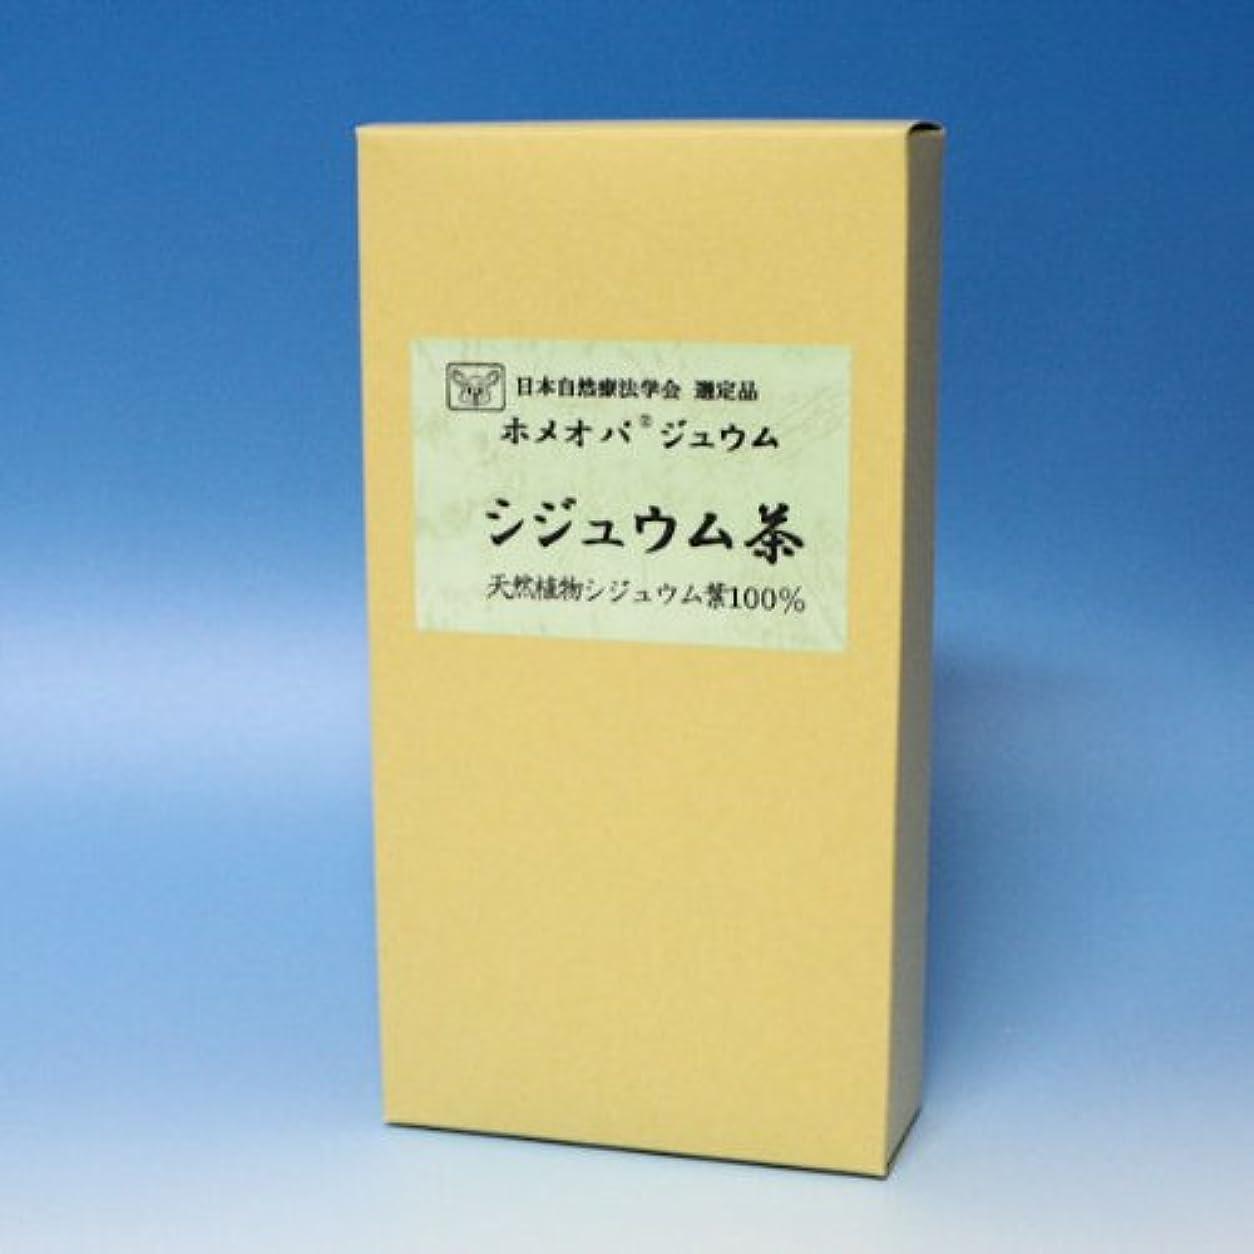 旅列車レーザシジュウム茶 0.5g×90包